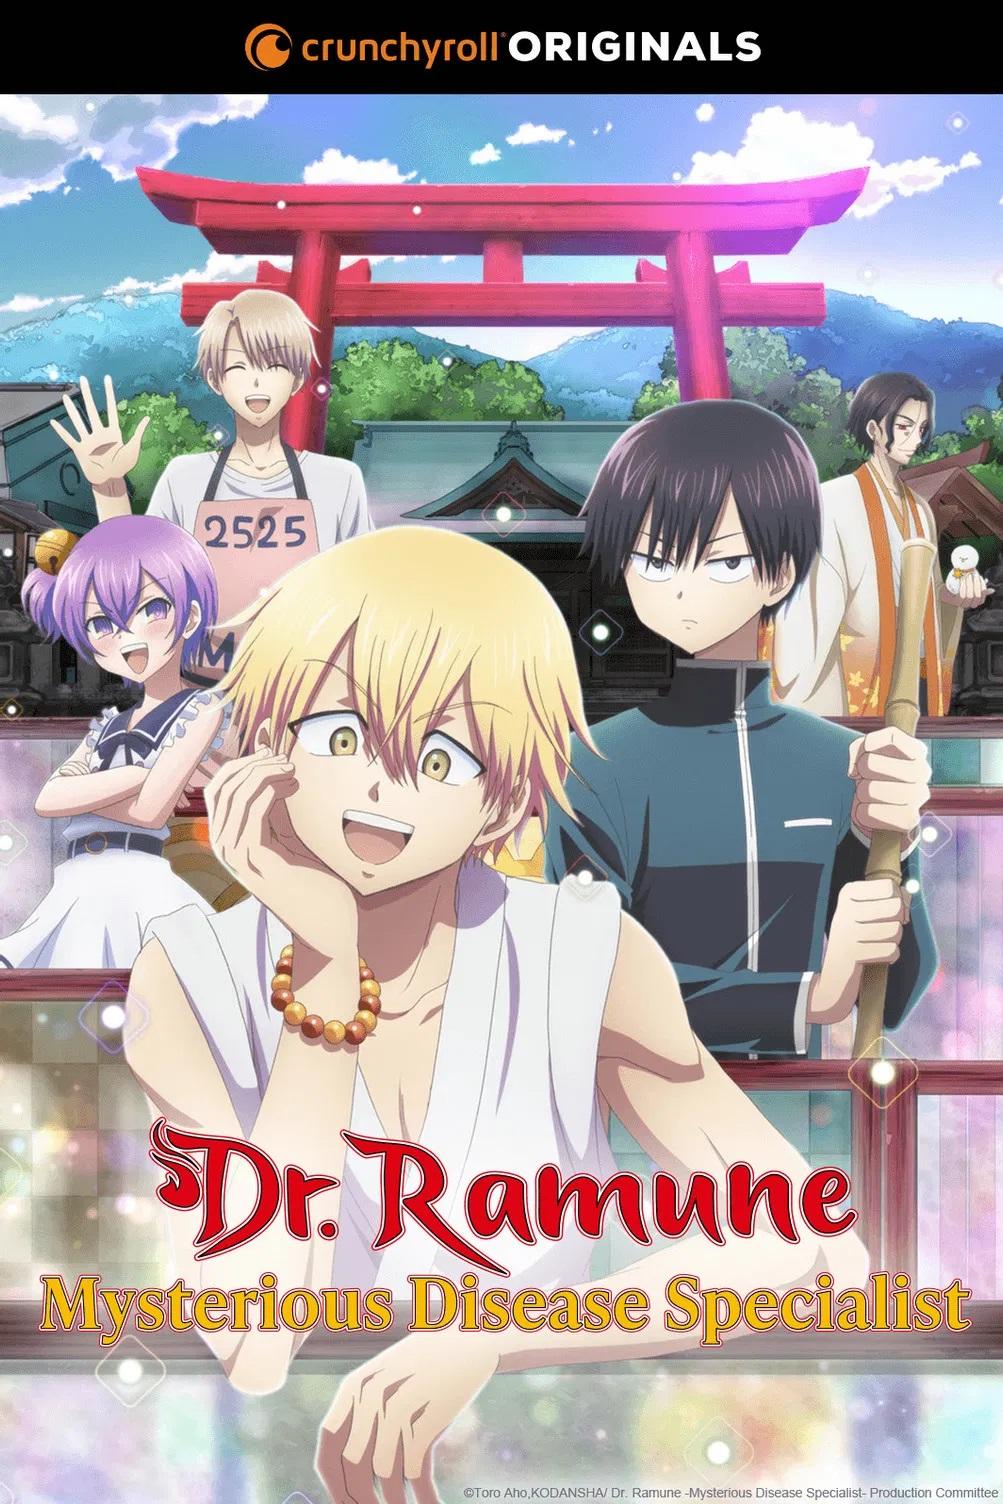 Dr. Ramune